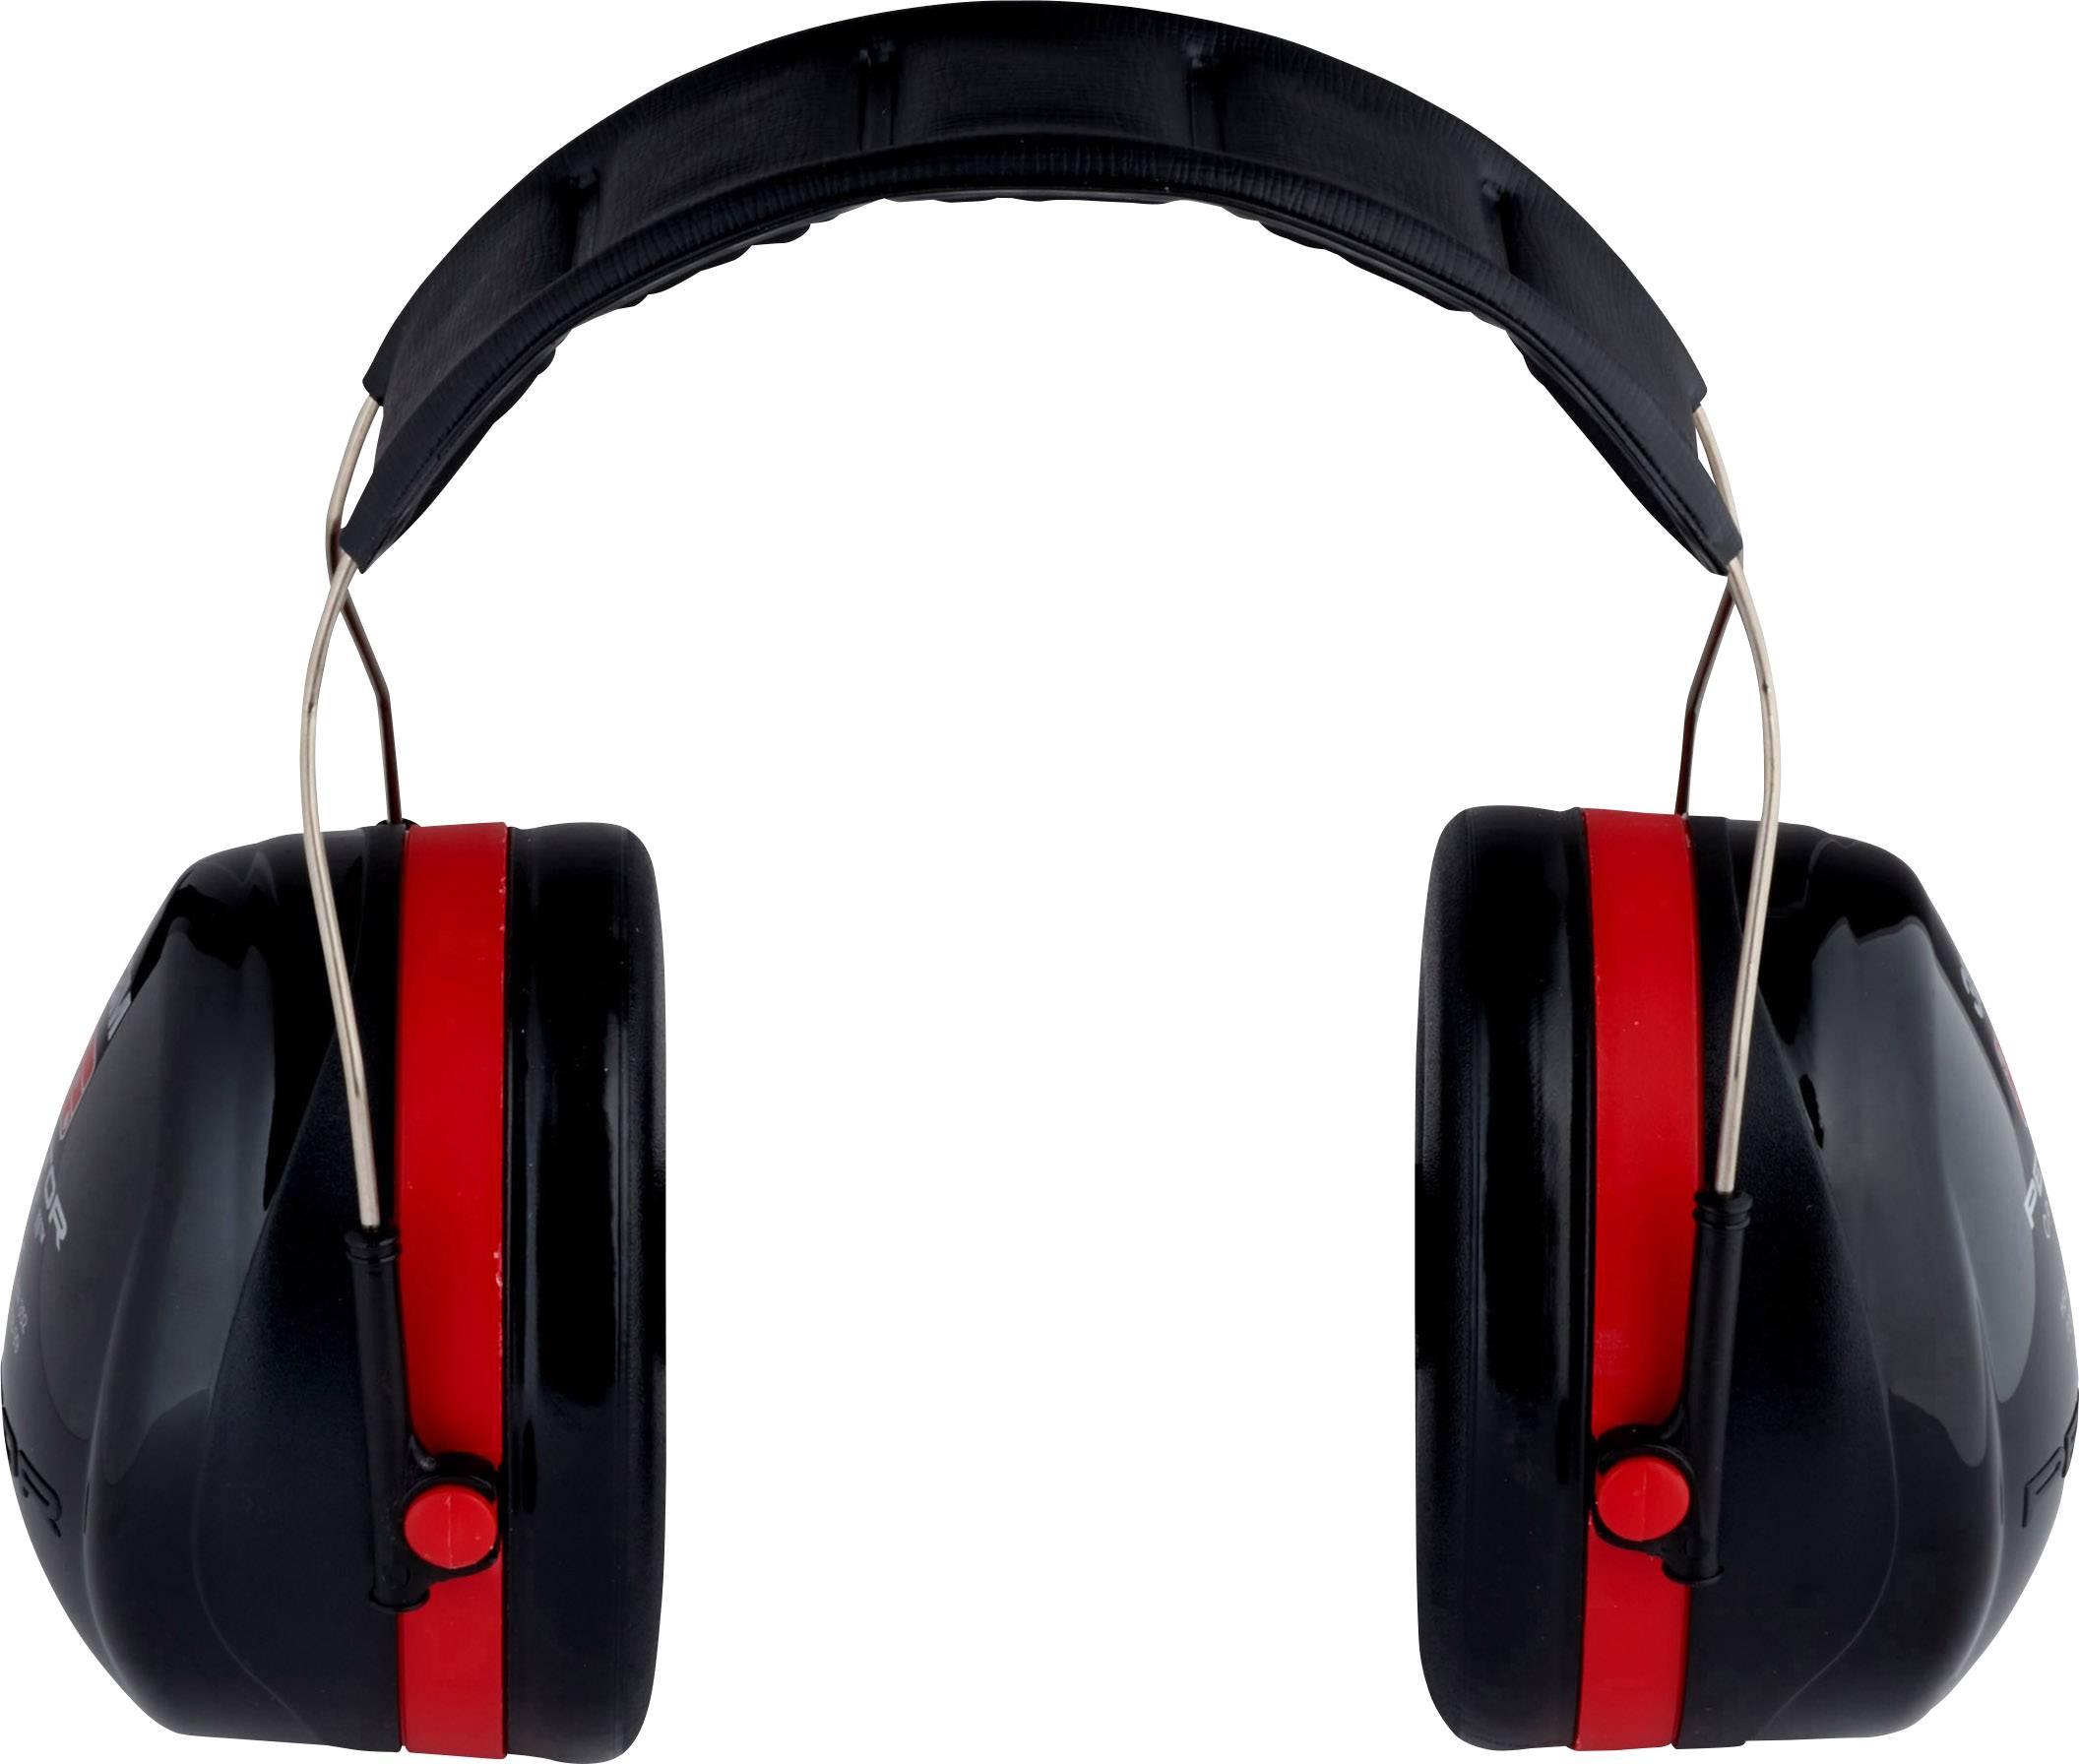 Mušľový chránič sluchu Peltor OPTIME III H540A, 35 dB, 1 ks